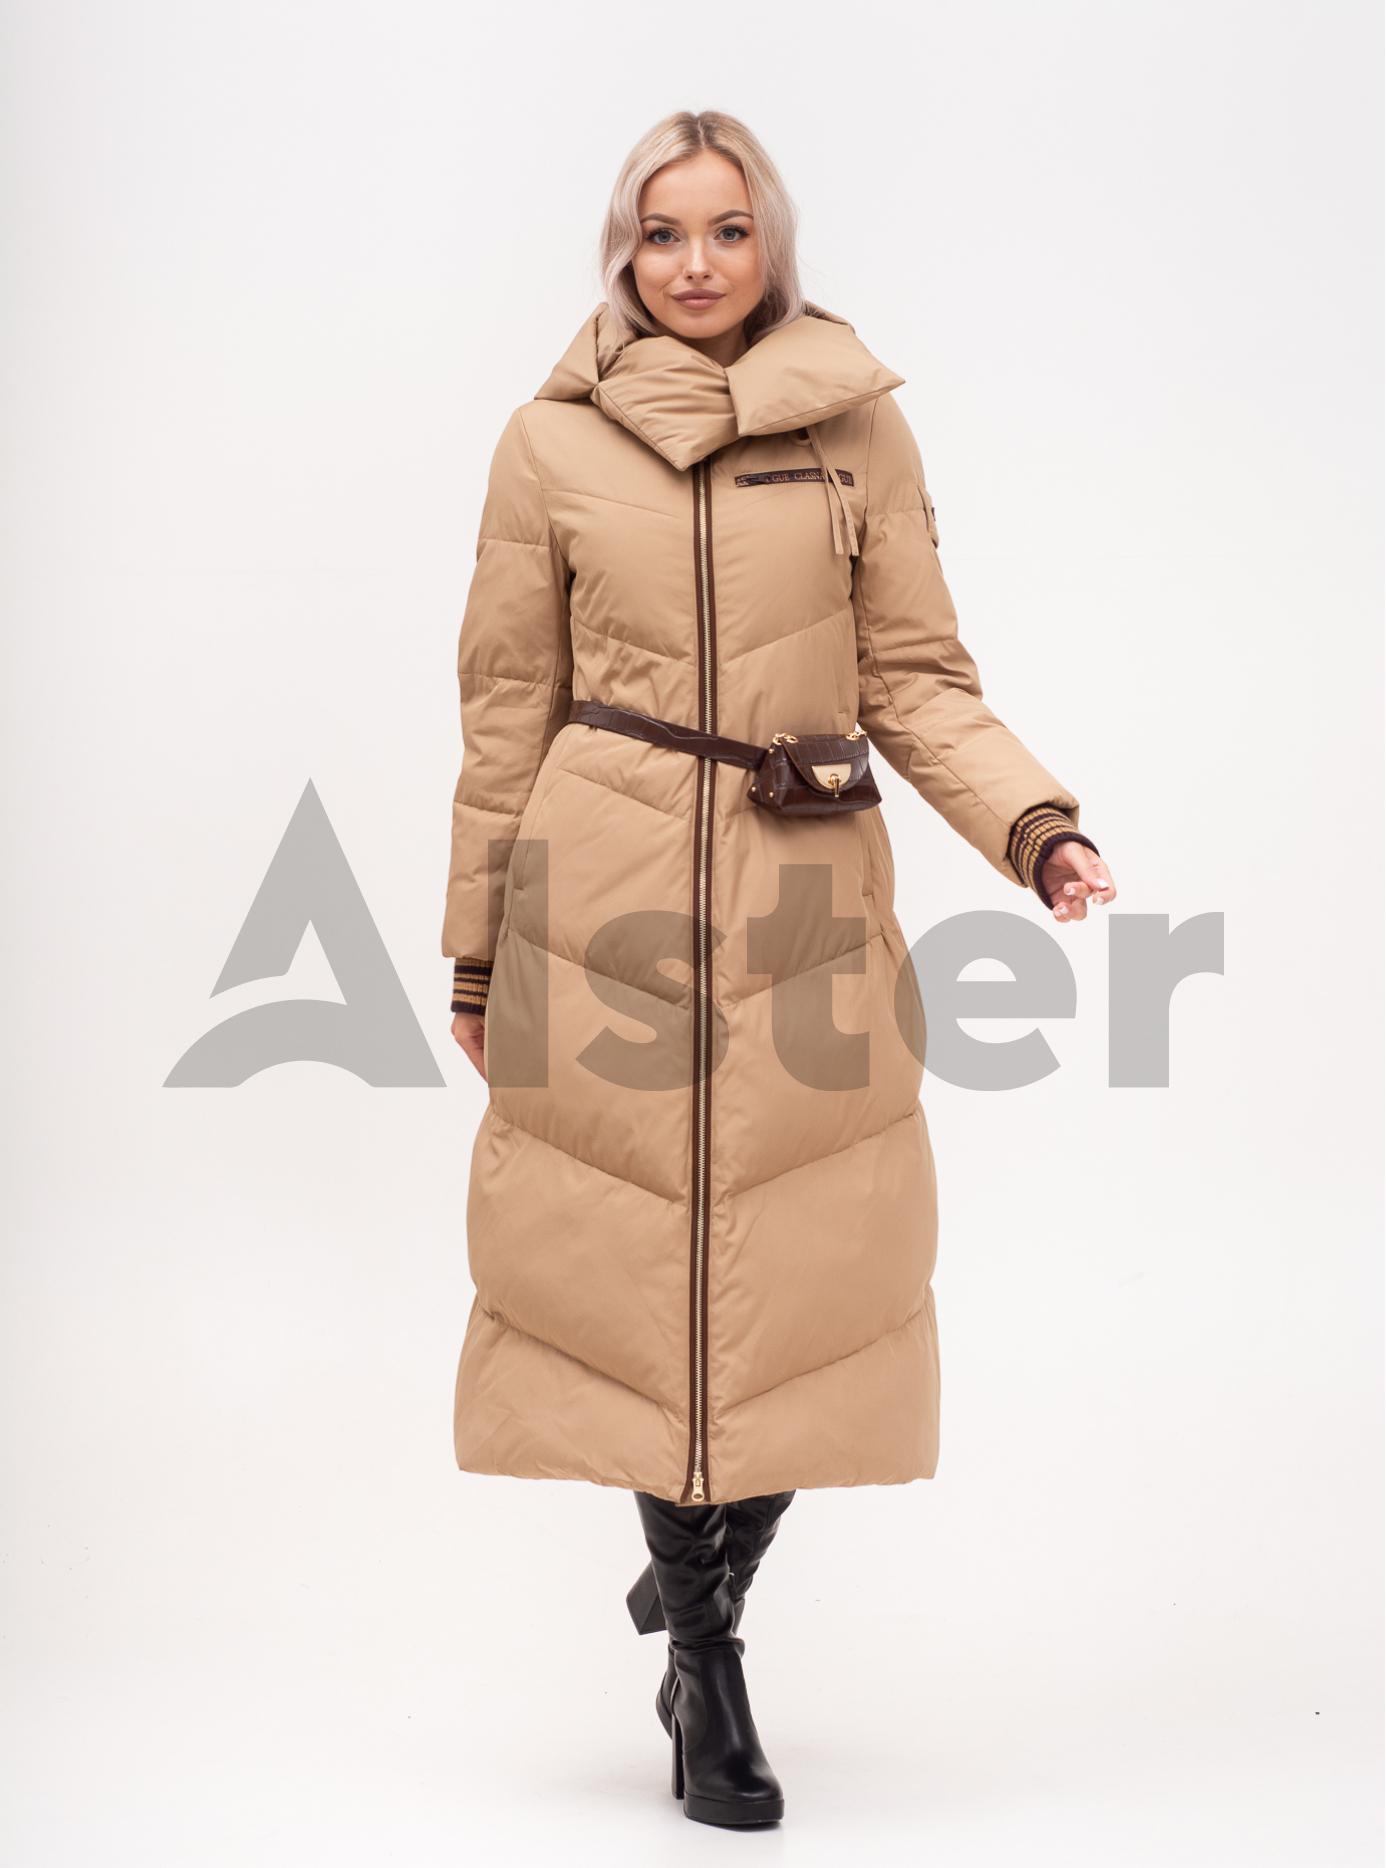 Куртка зимняя женская длинная с поясом Бежевый S (02-N200549): фото - Alster.ua